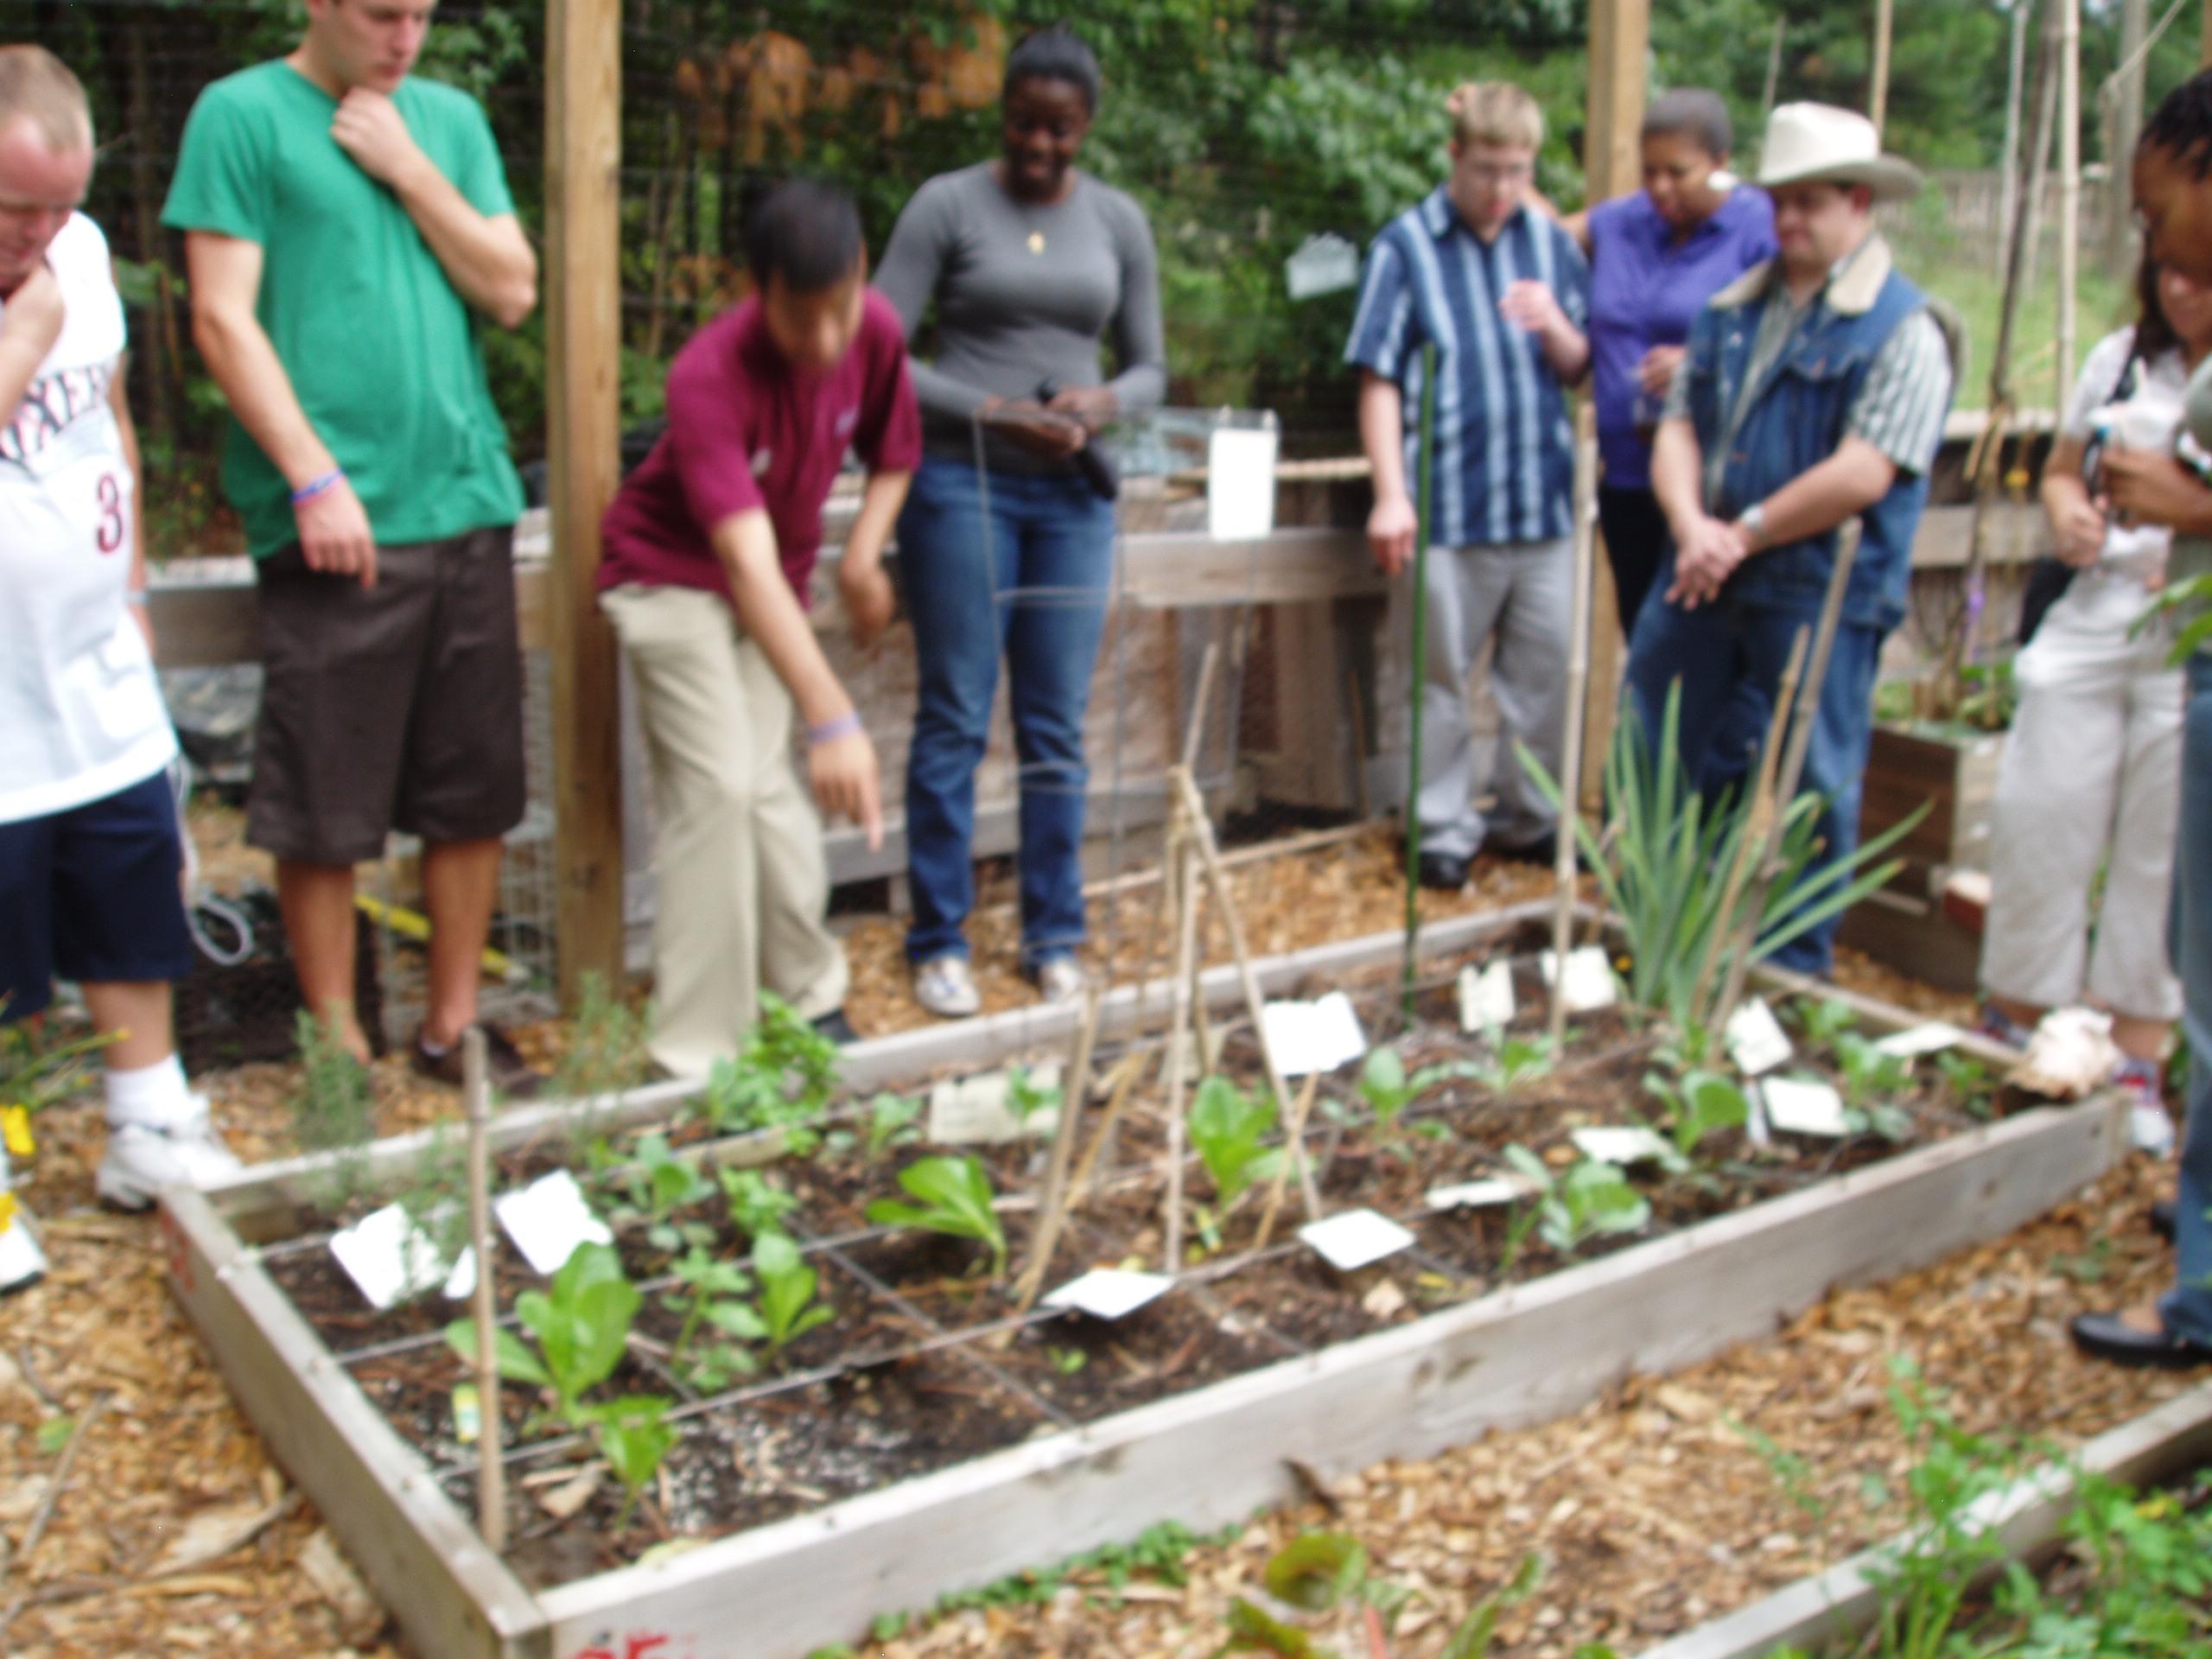 HOPE_Garden_Cooking_Class_Field_Trip_Sept._20_2011_014.jpg